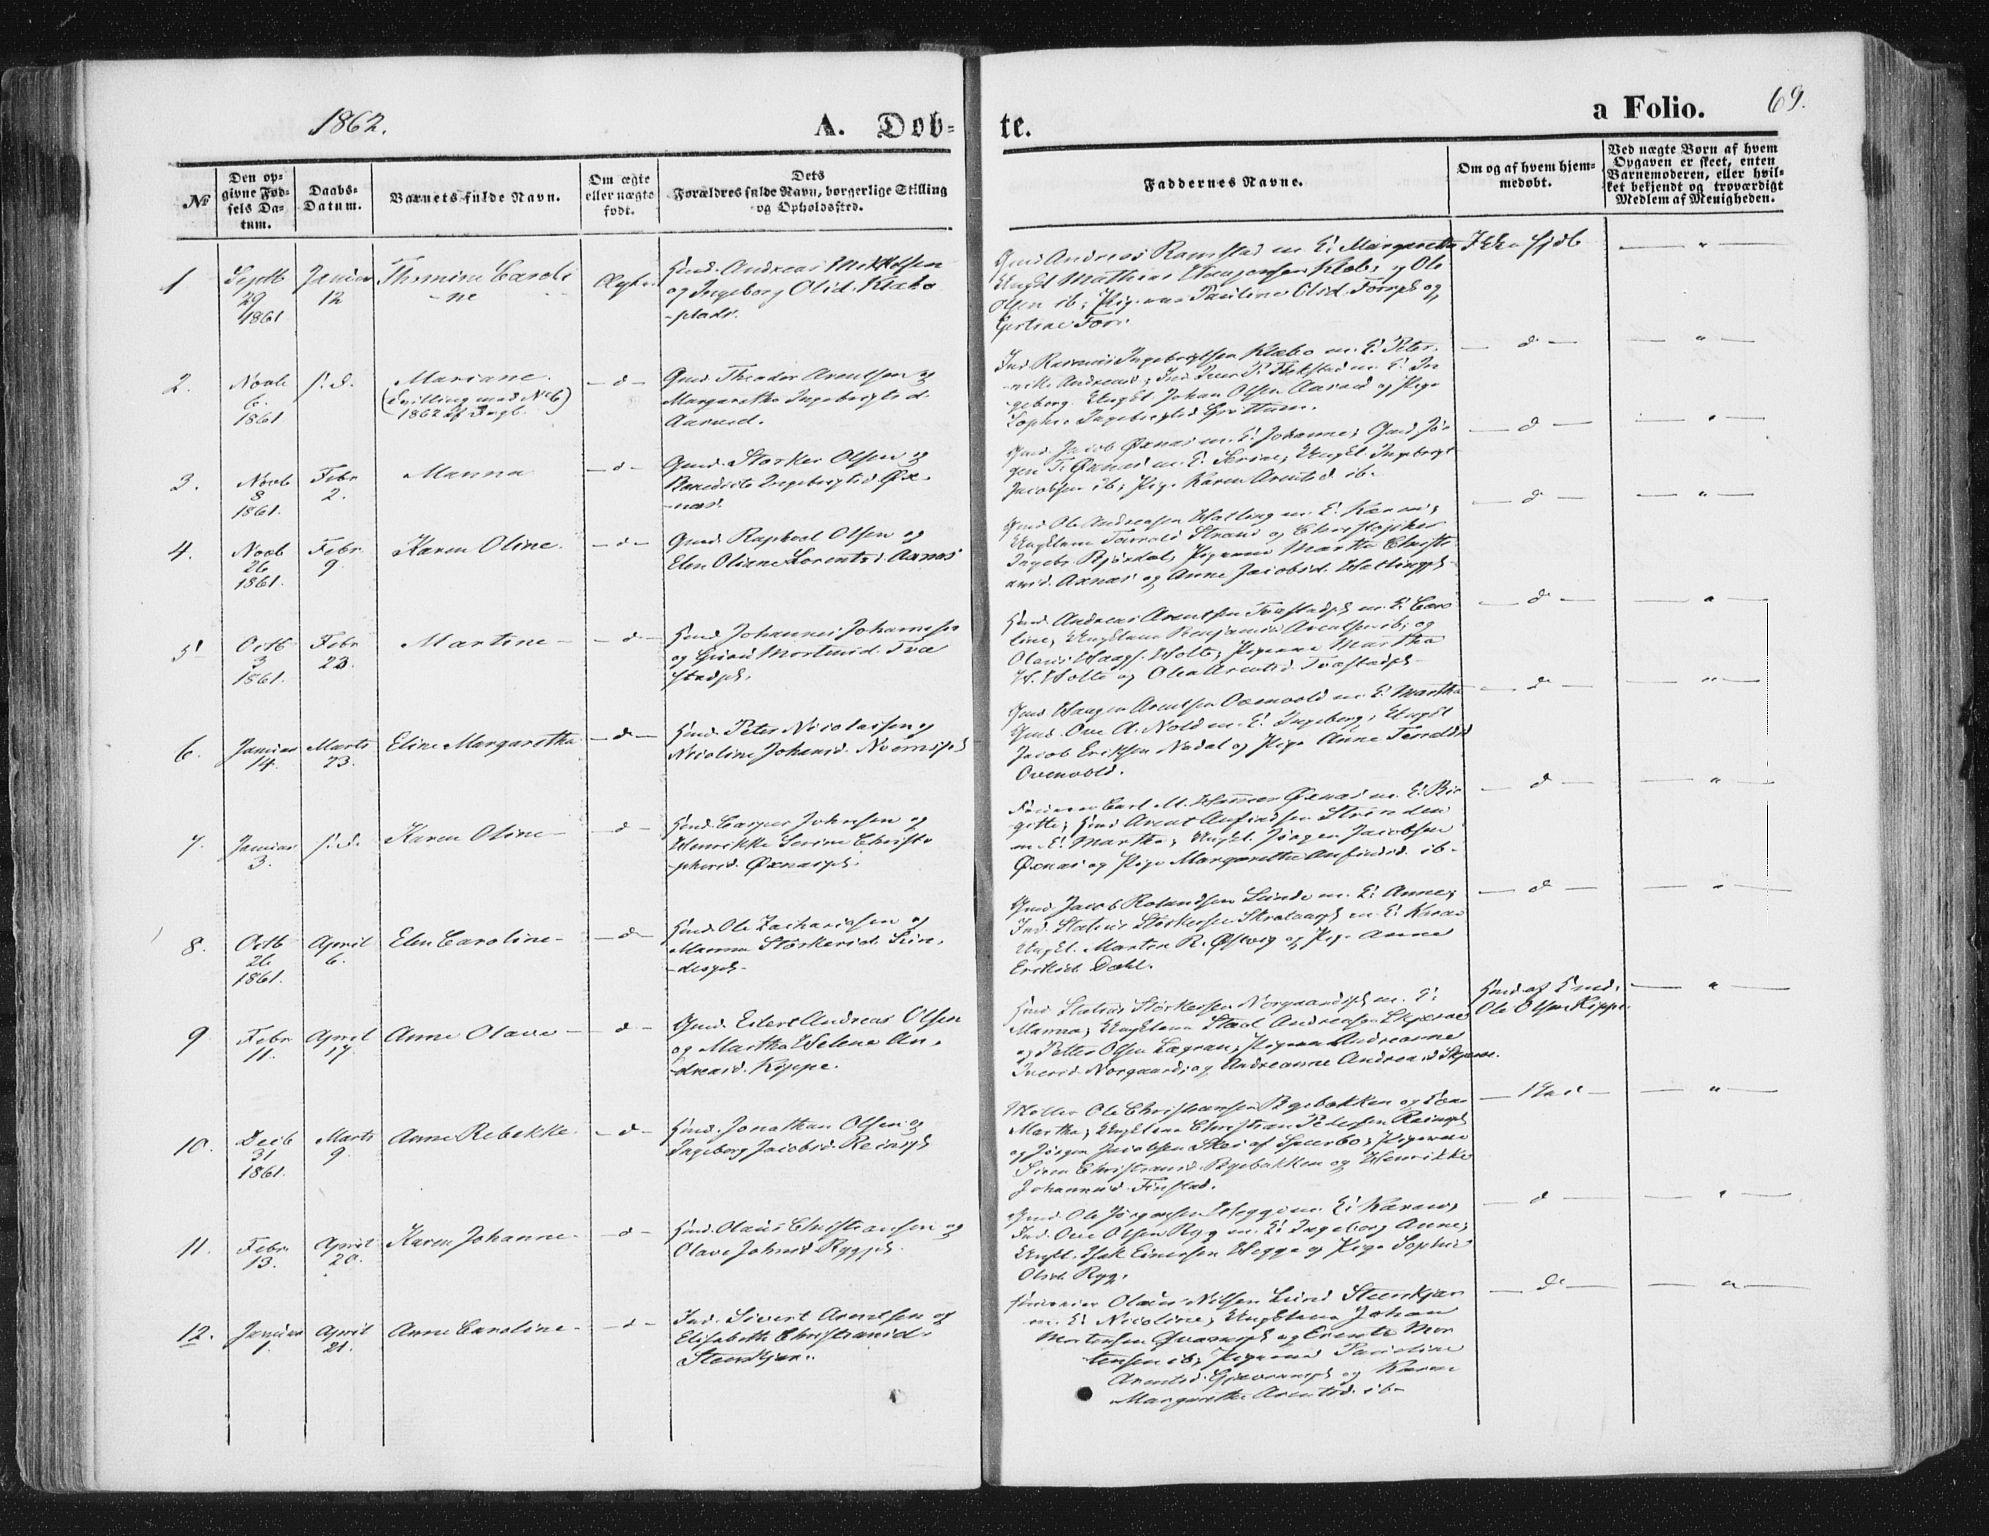 SAT, Ministerialprotokoller, klokkerbøker og fødselsregistre - Nord-Trøndelag, 746/L0447: Ministerialbok nr. 746A06, 1860-1877, s. 69